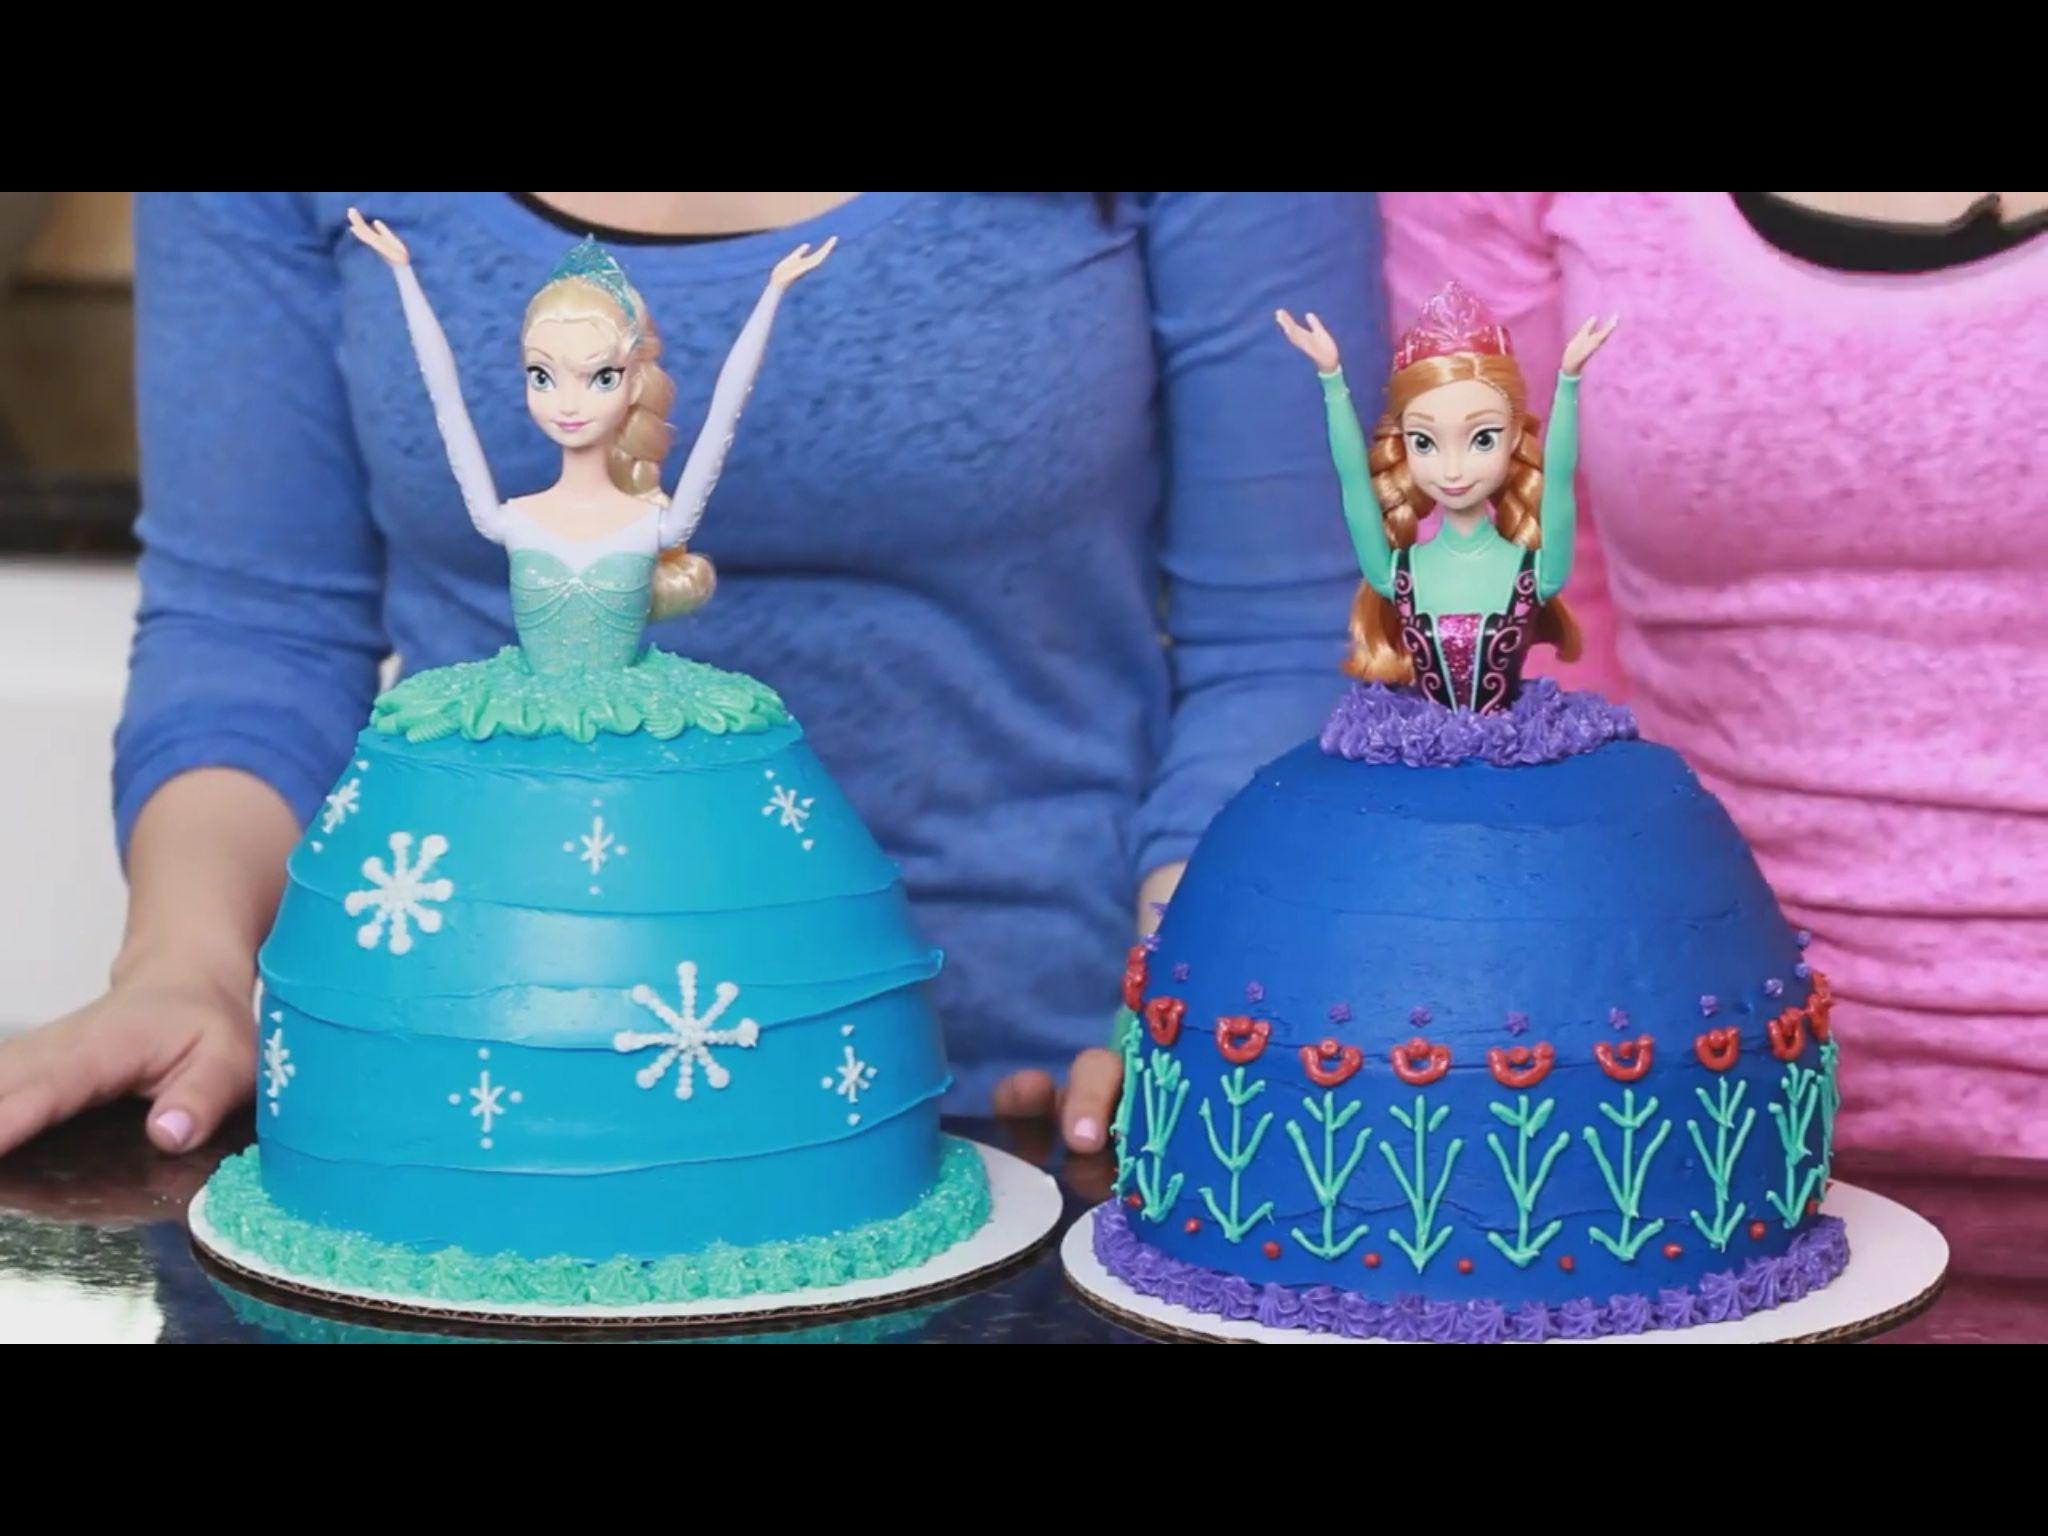 ... birthday parties birthday cake frozen cake frozen theme elsa cakes